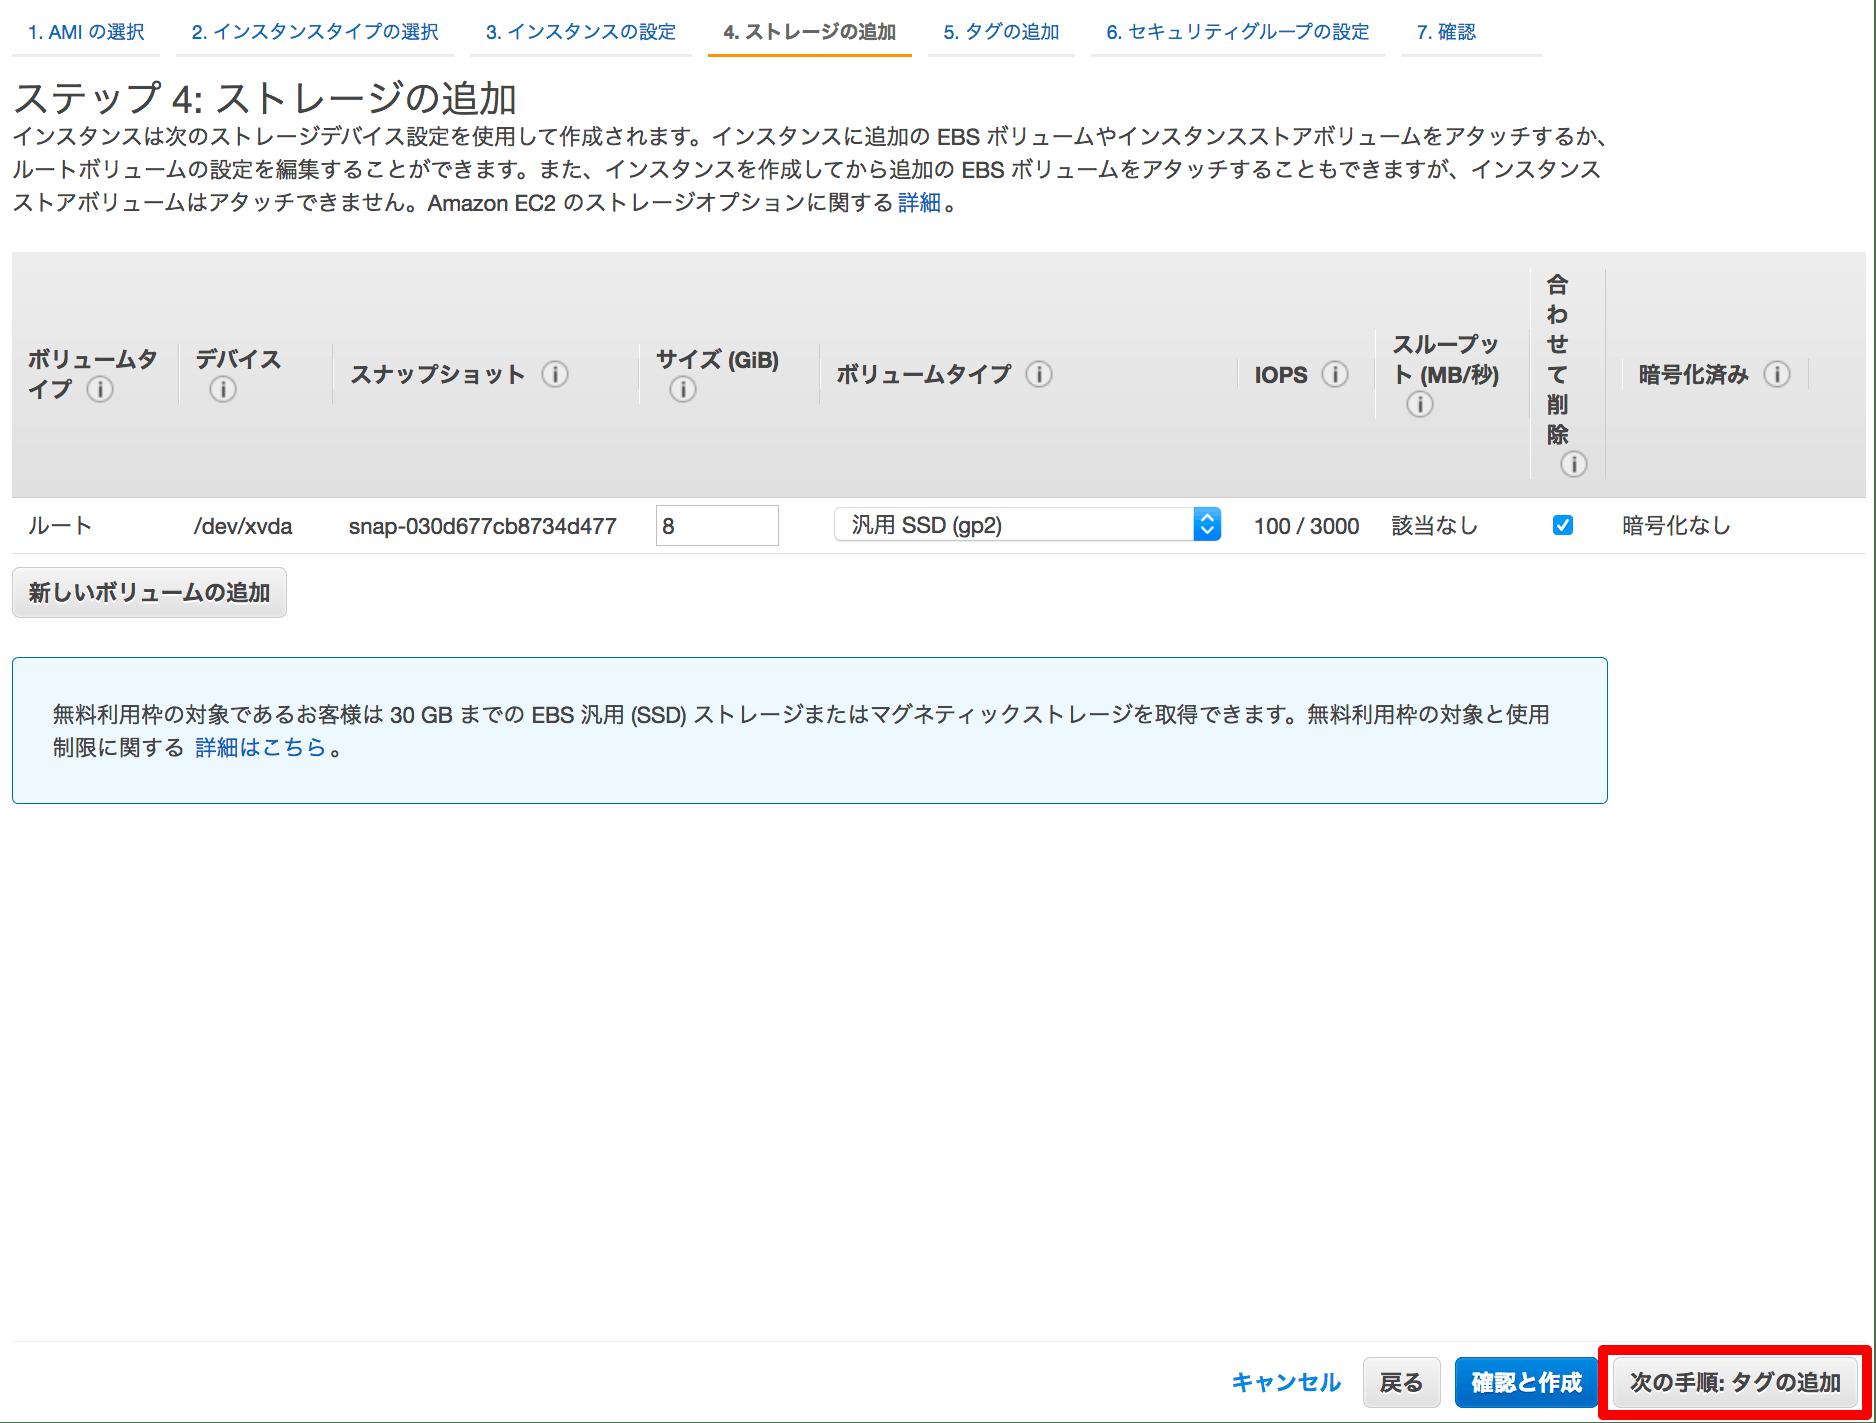 EC2 Management Console_2018-12-12_09-43-36.png